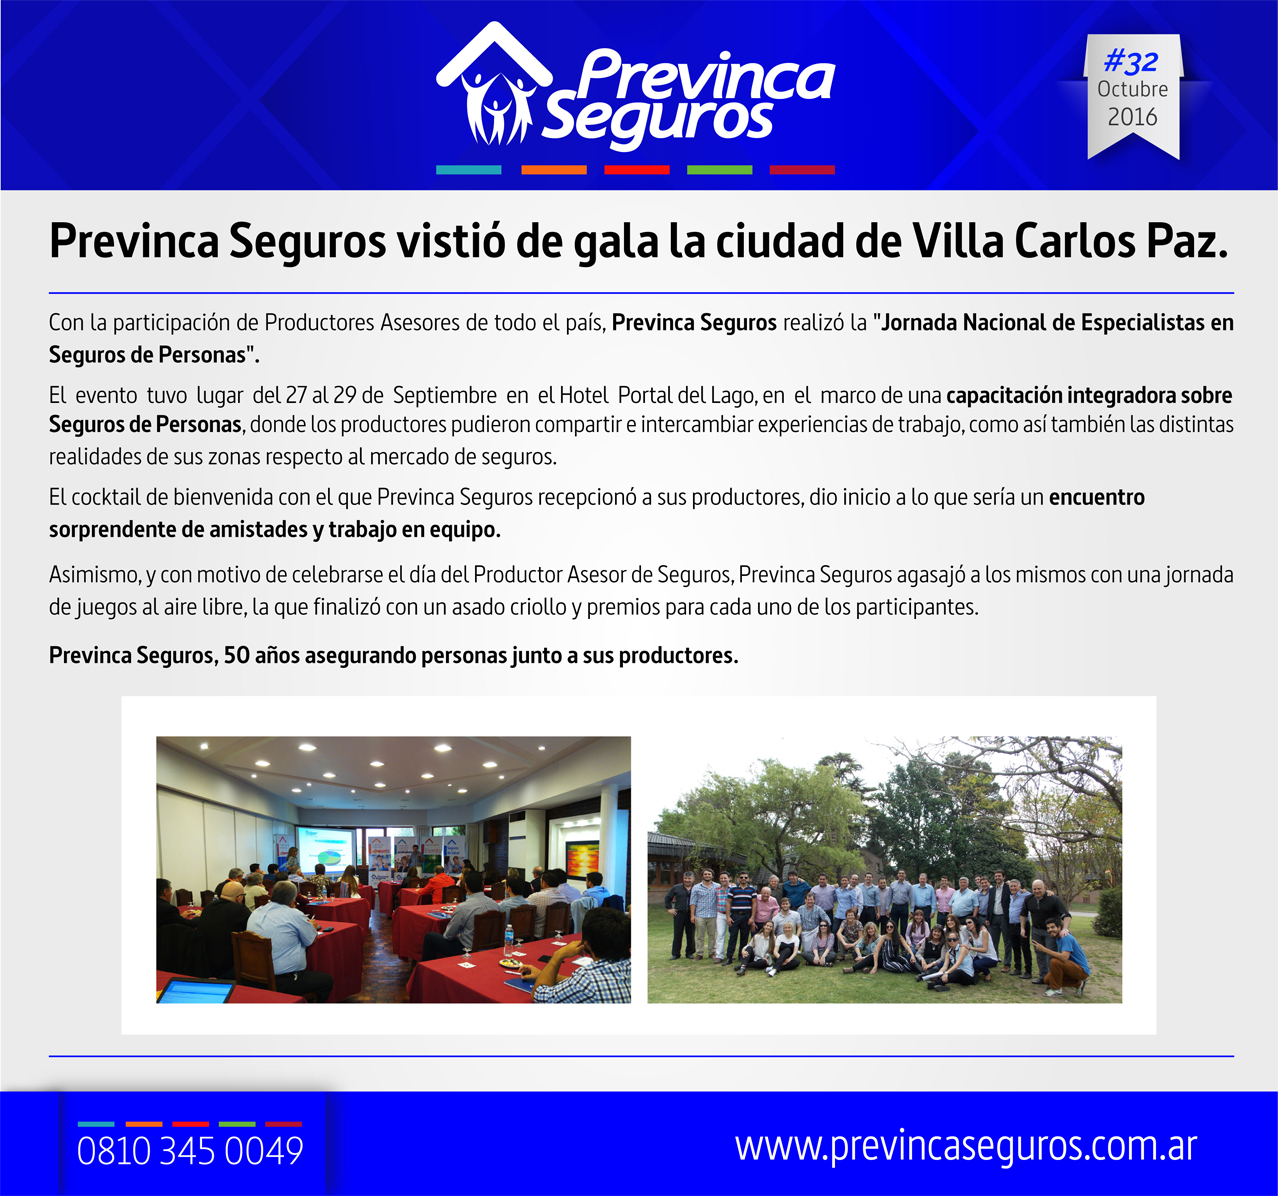 Previnca Seguros vistió de gala la ciudad de Villa Carlos Paz